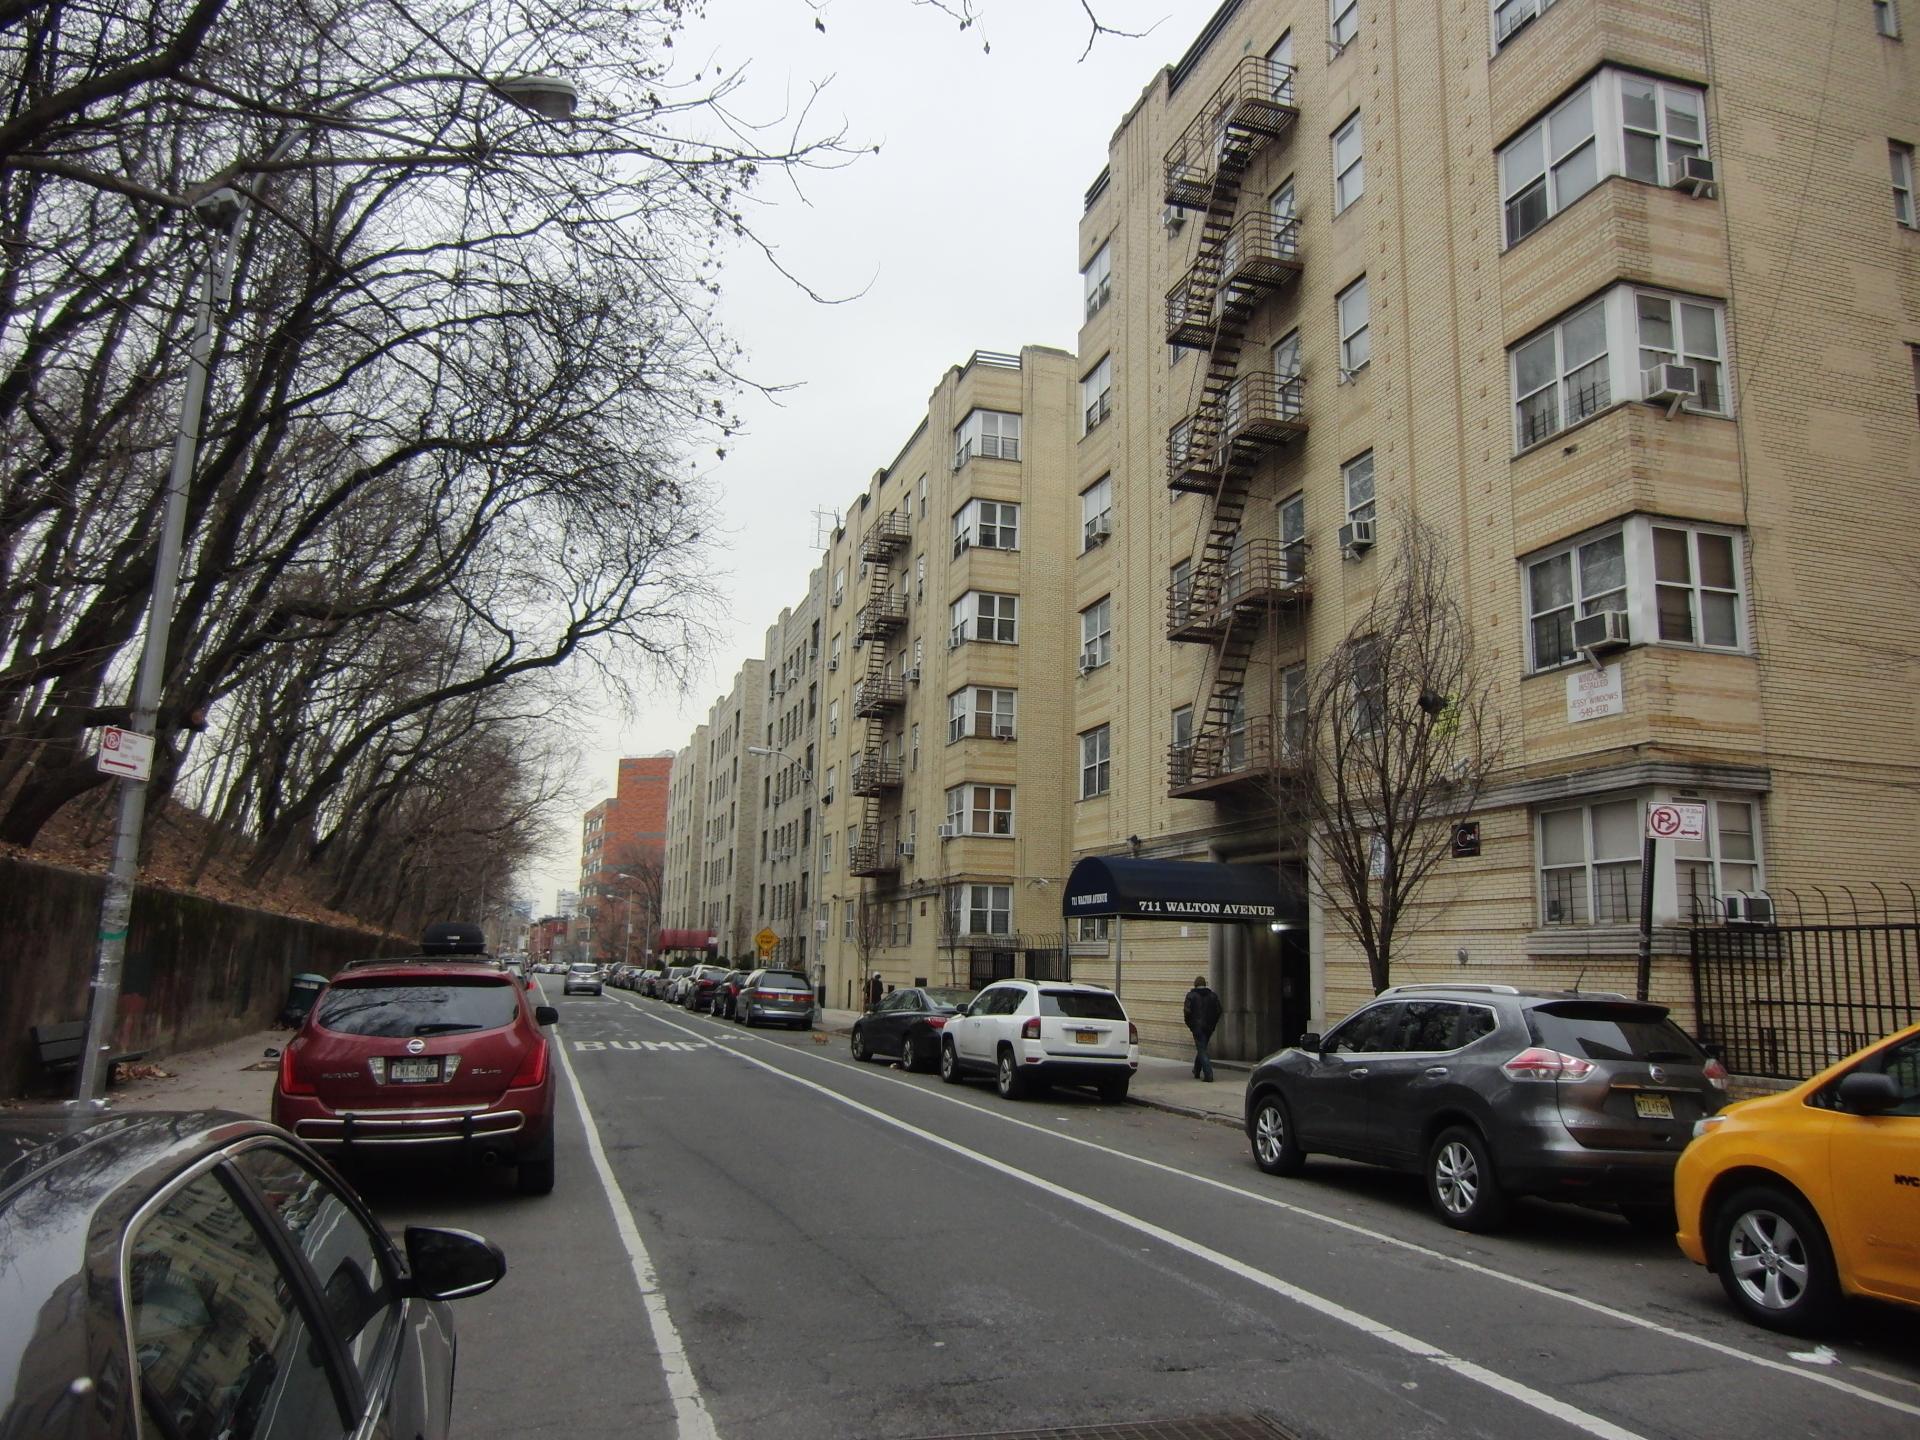 Walton Avenue